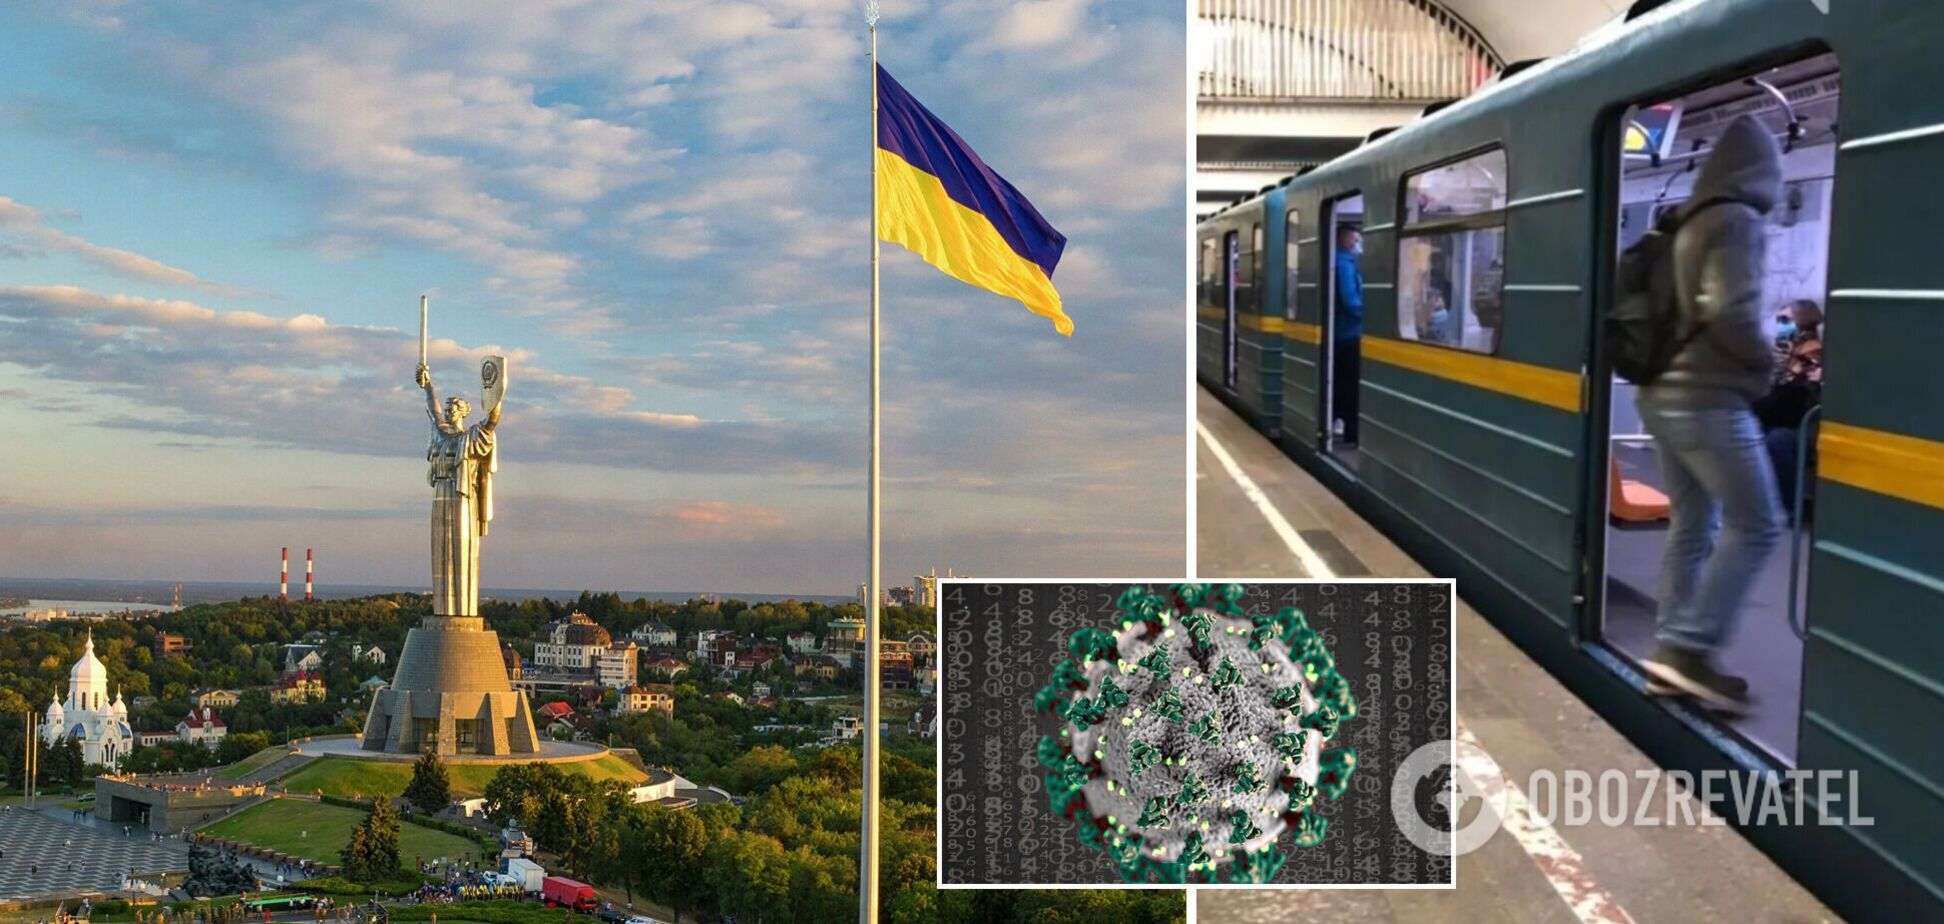 Київ вийшов із 'червоної' зони: що дозволено та як працює метро з 1 травня